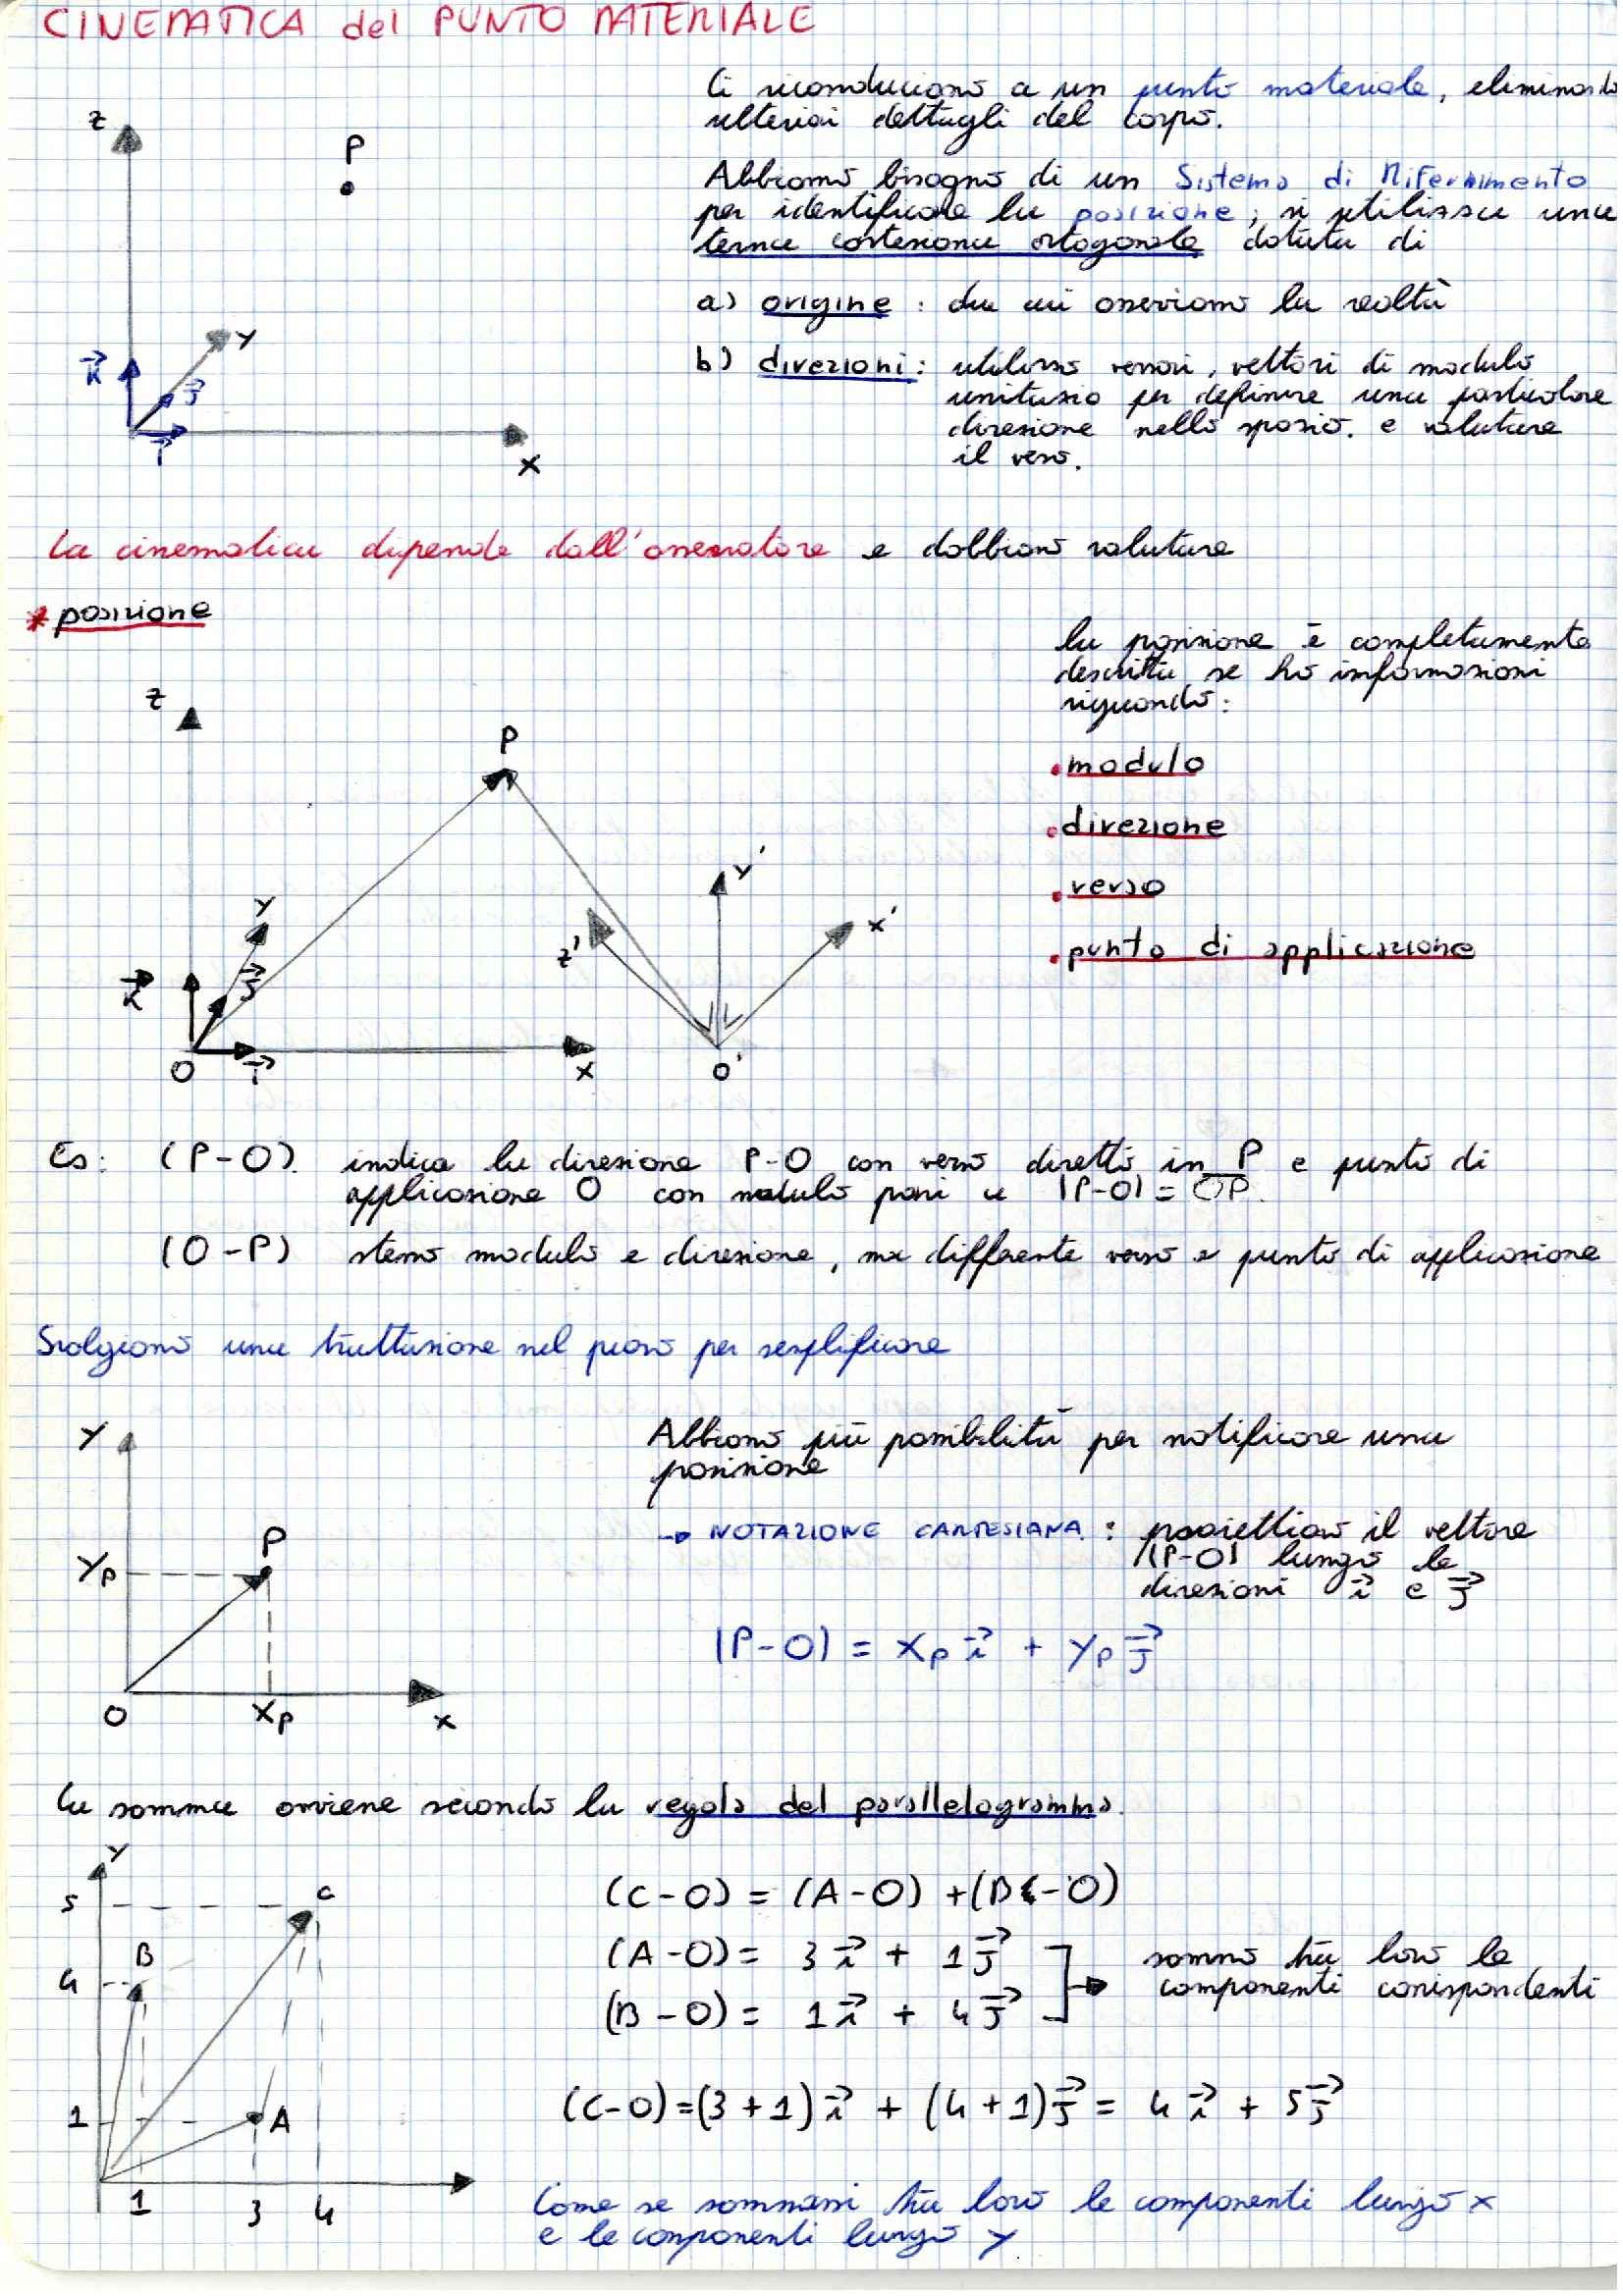 Meccanica applicata alle macchine -  Appunti (prima parte) Pag. 2